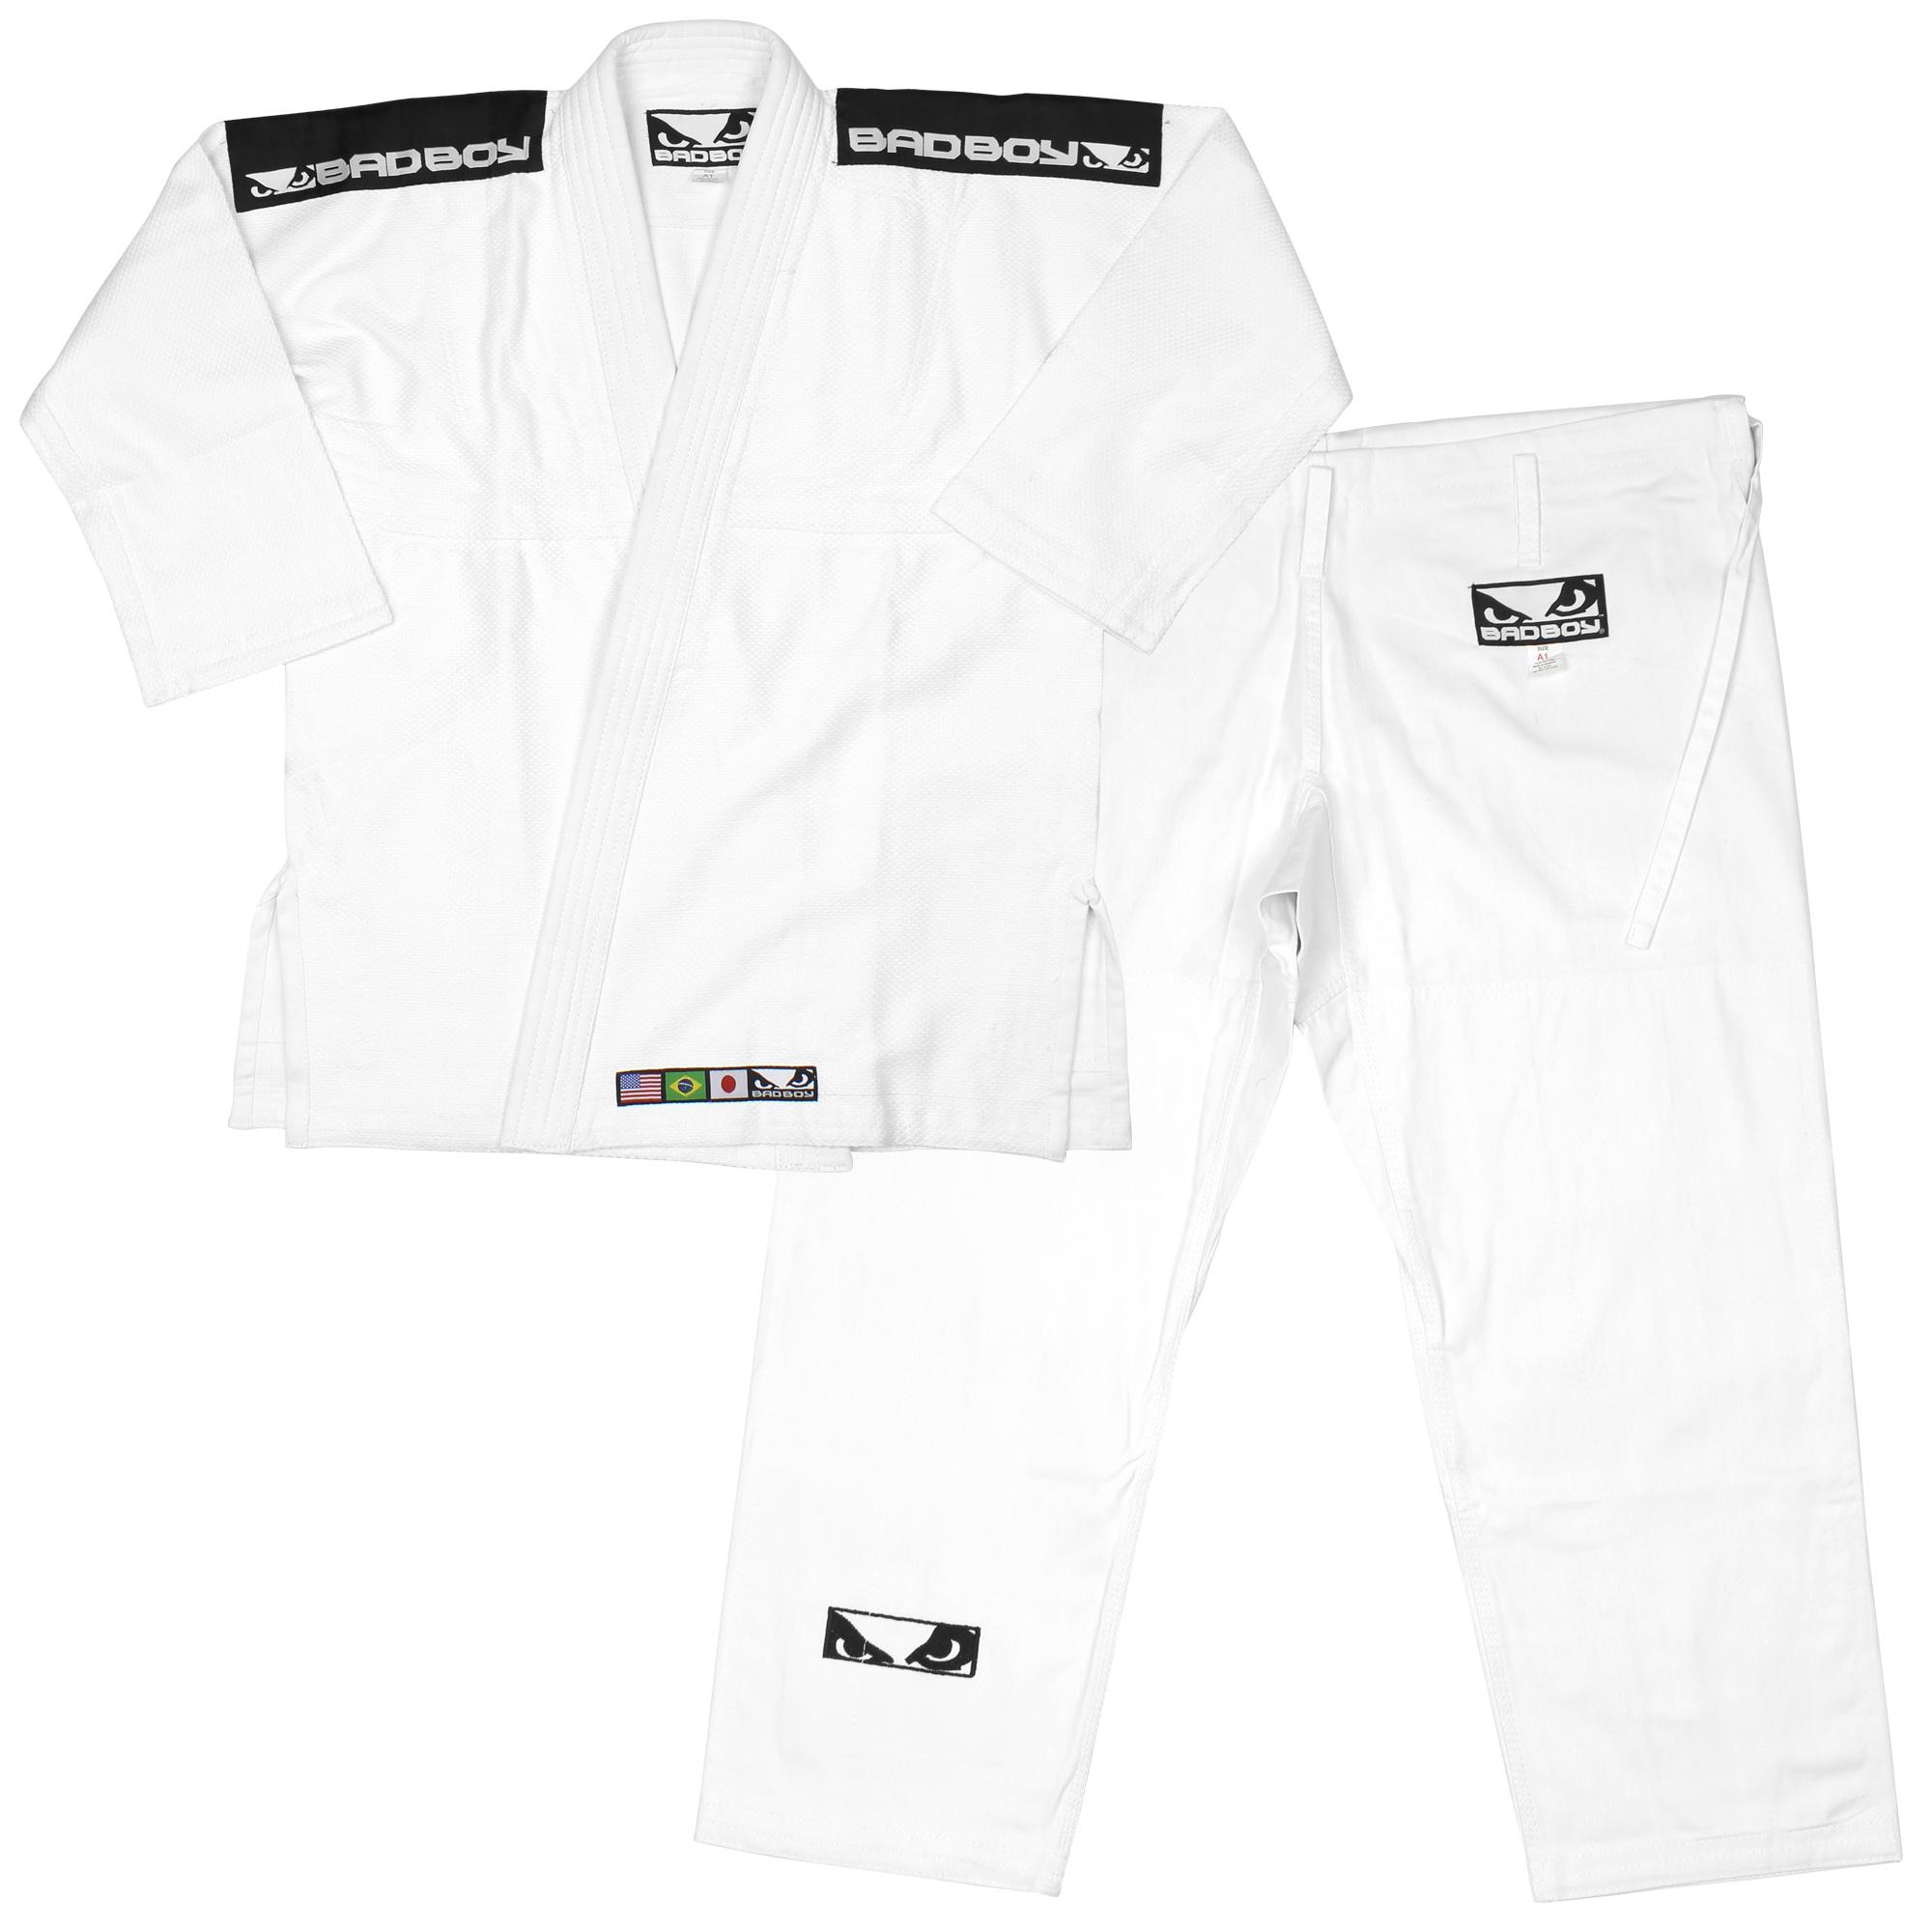 Bad Boy Mens Standard Jiu-Jitsu BJJ Single Weave Gi - White